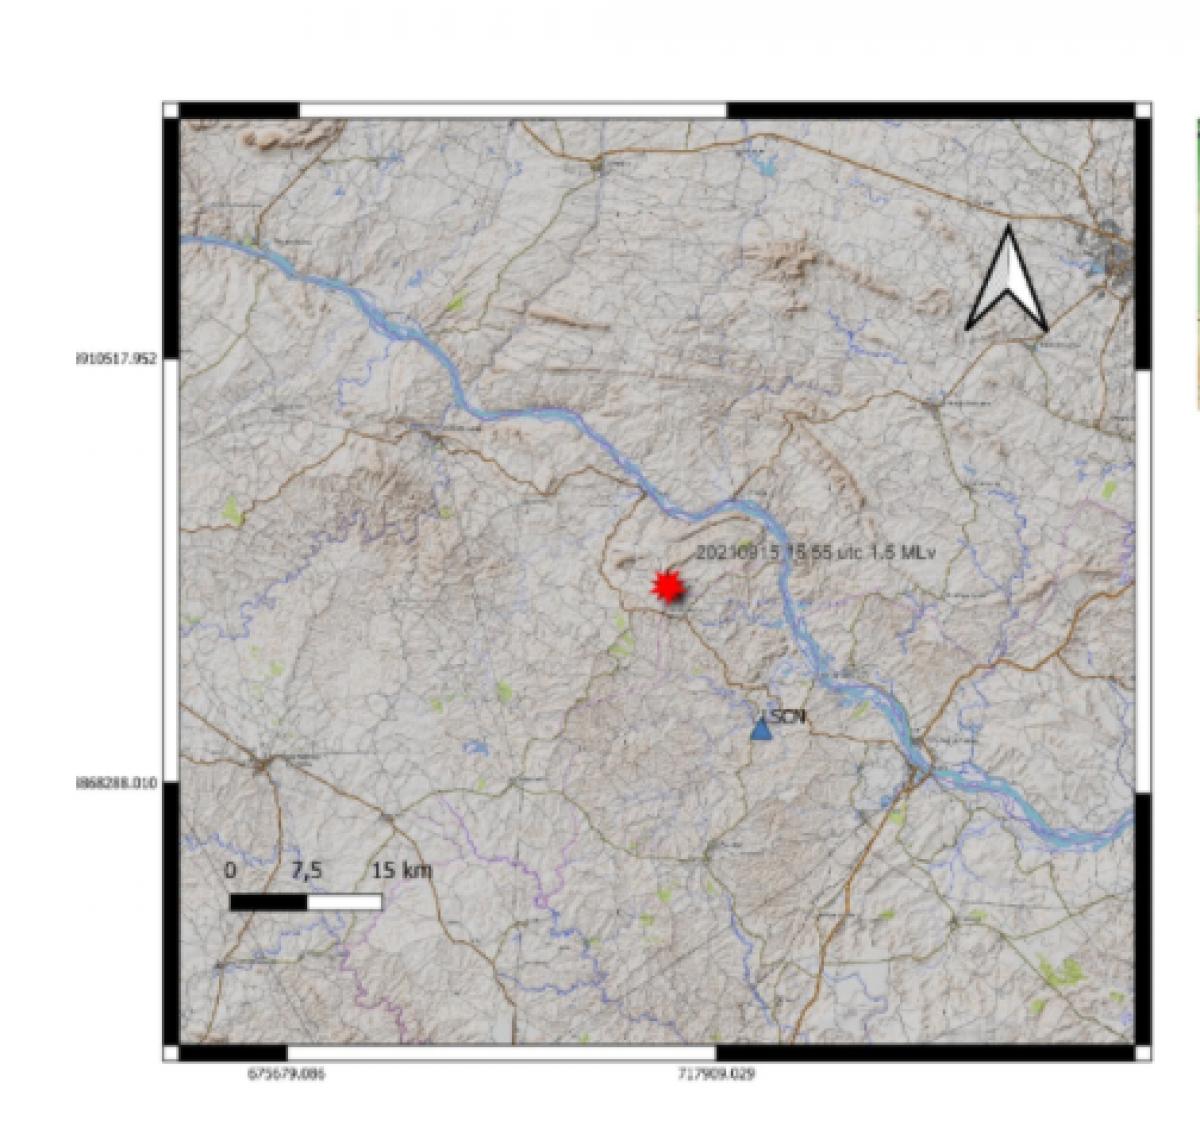 Tremor de terra é registrado no município de Gararu (Foto: Reprodução/ LabSis/ UFRN)